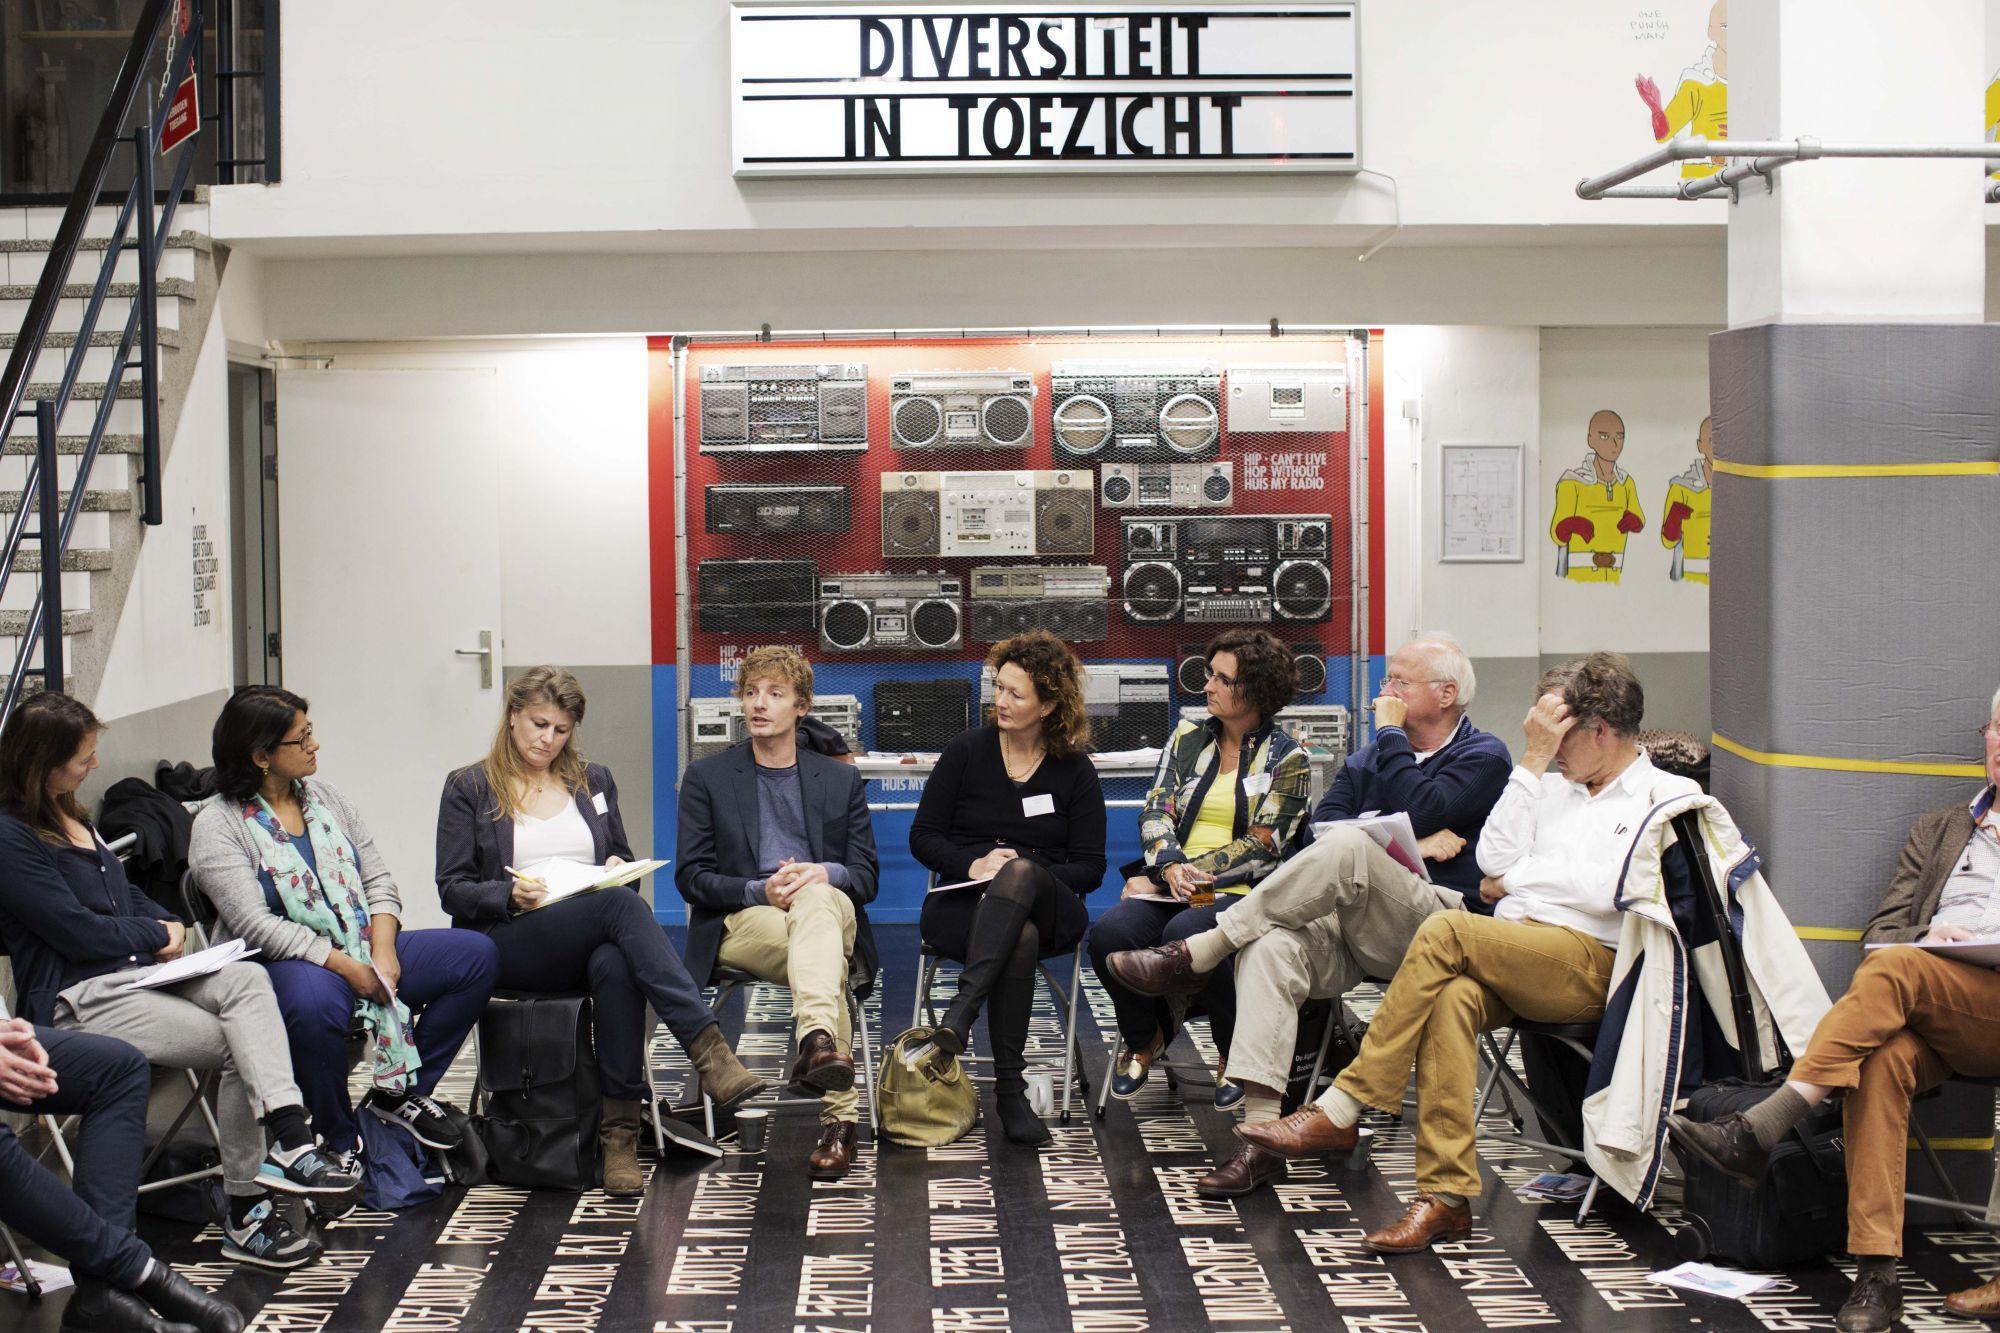 Diversiteit in toezicht